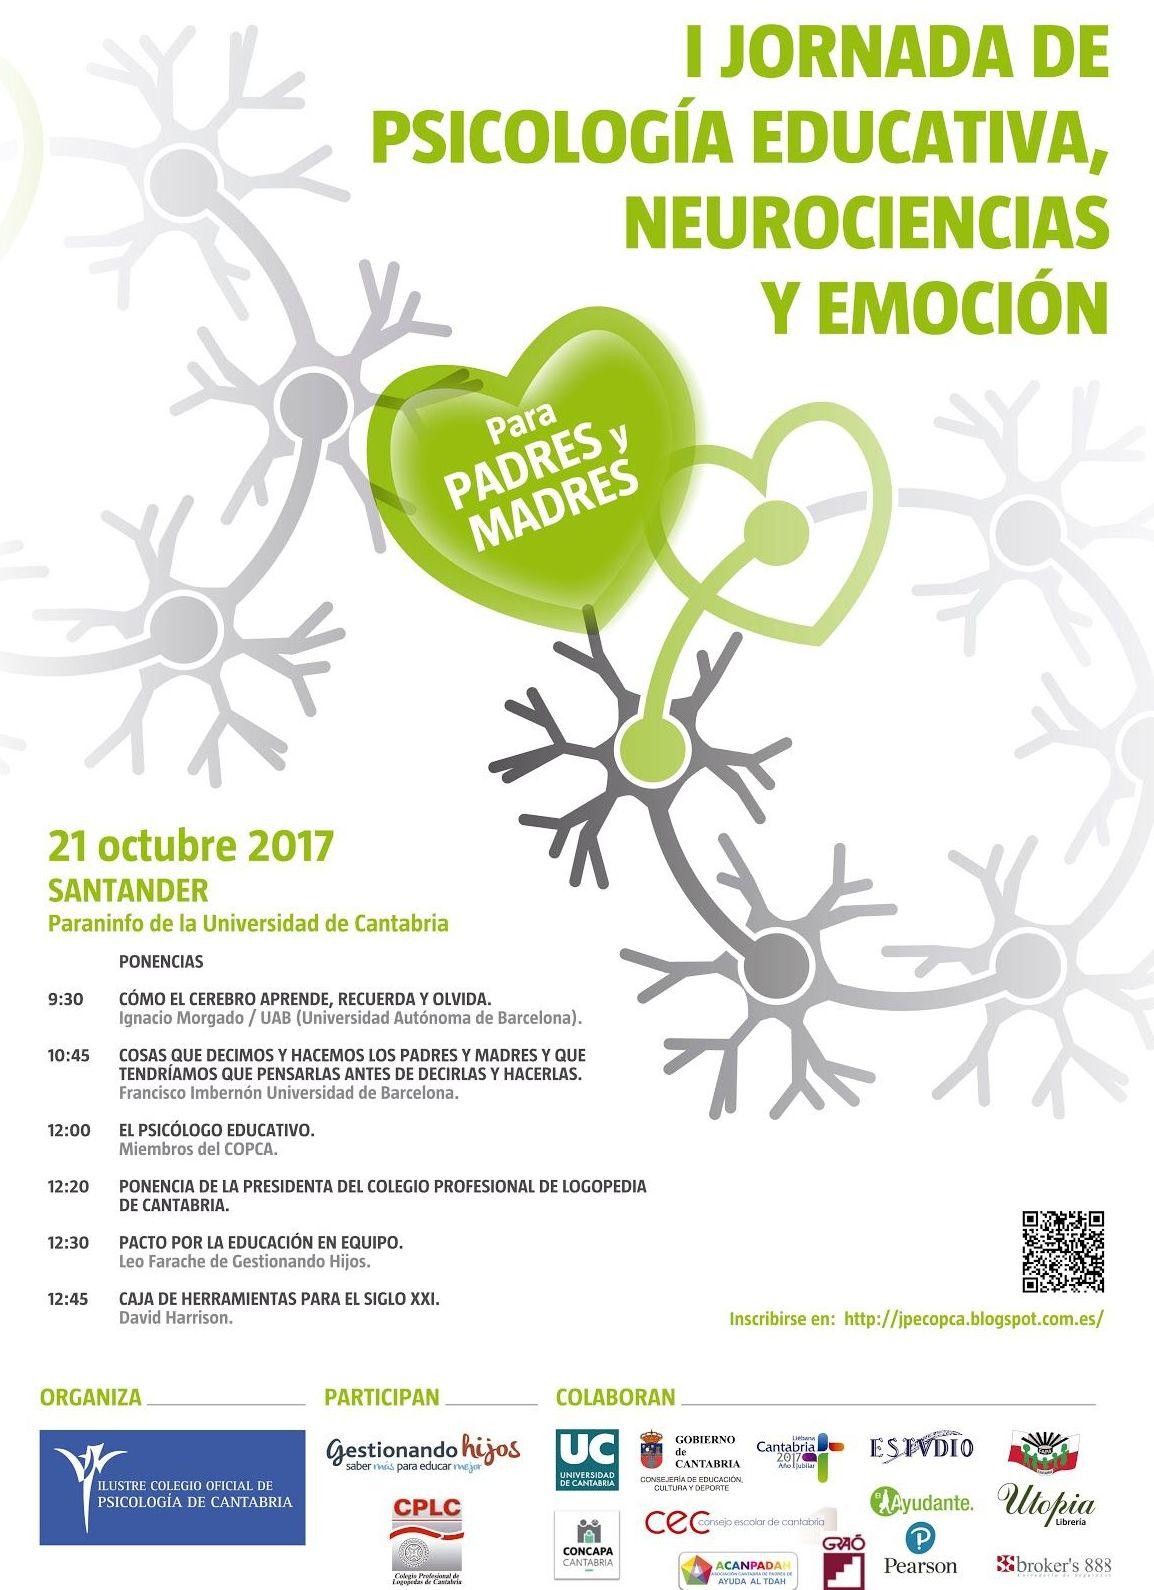 I Jornada de Psicología de Educación, Neurociencias y Emoción